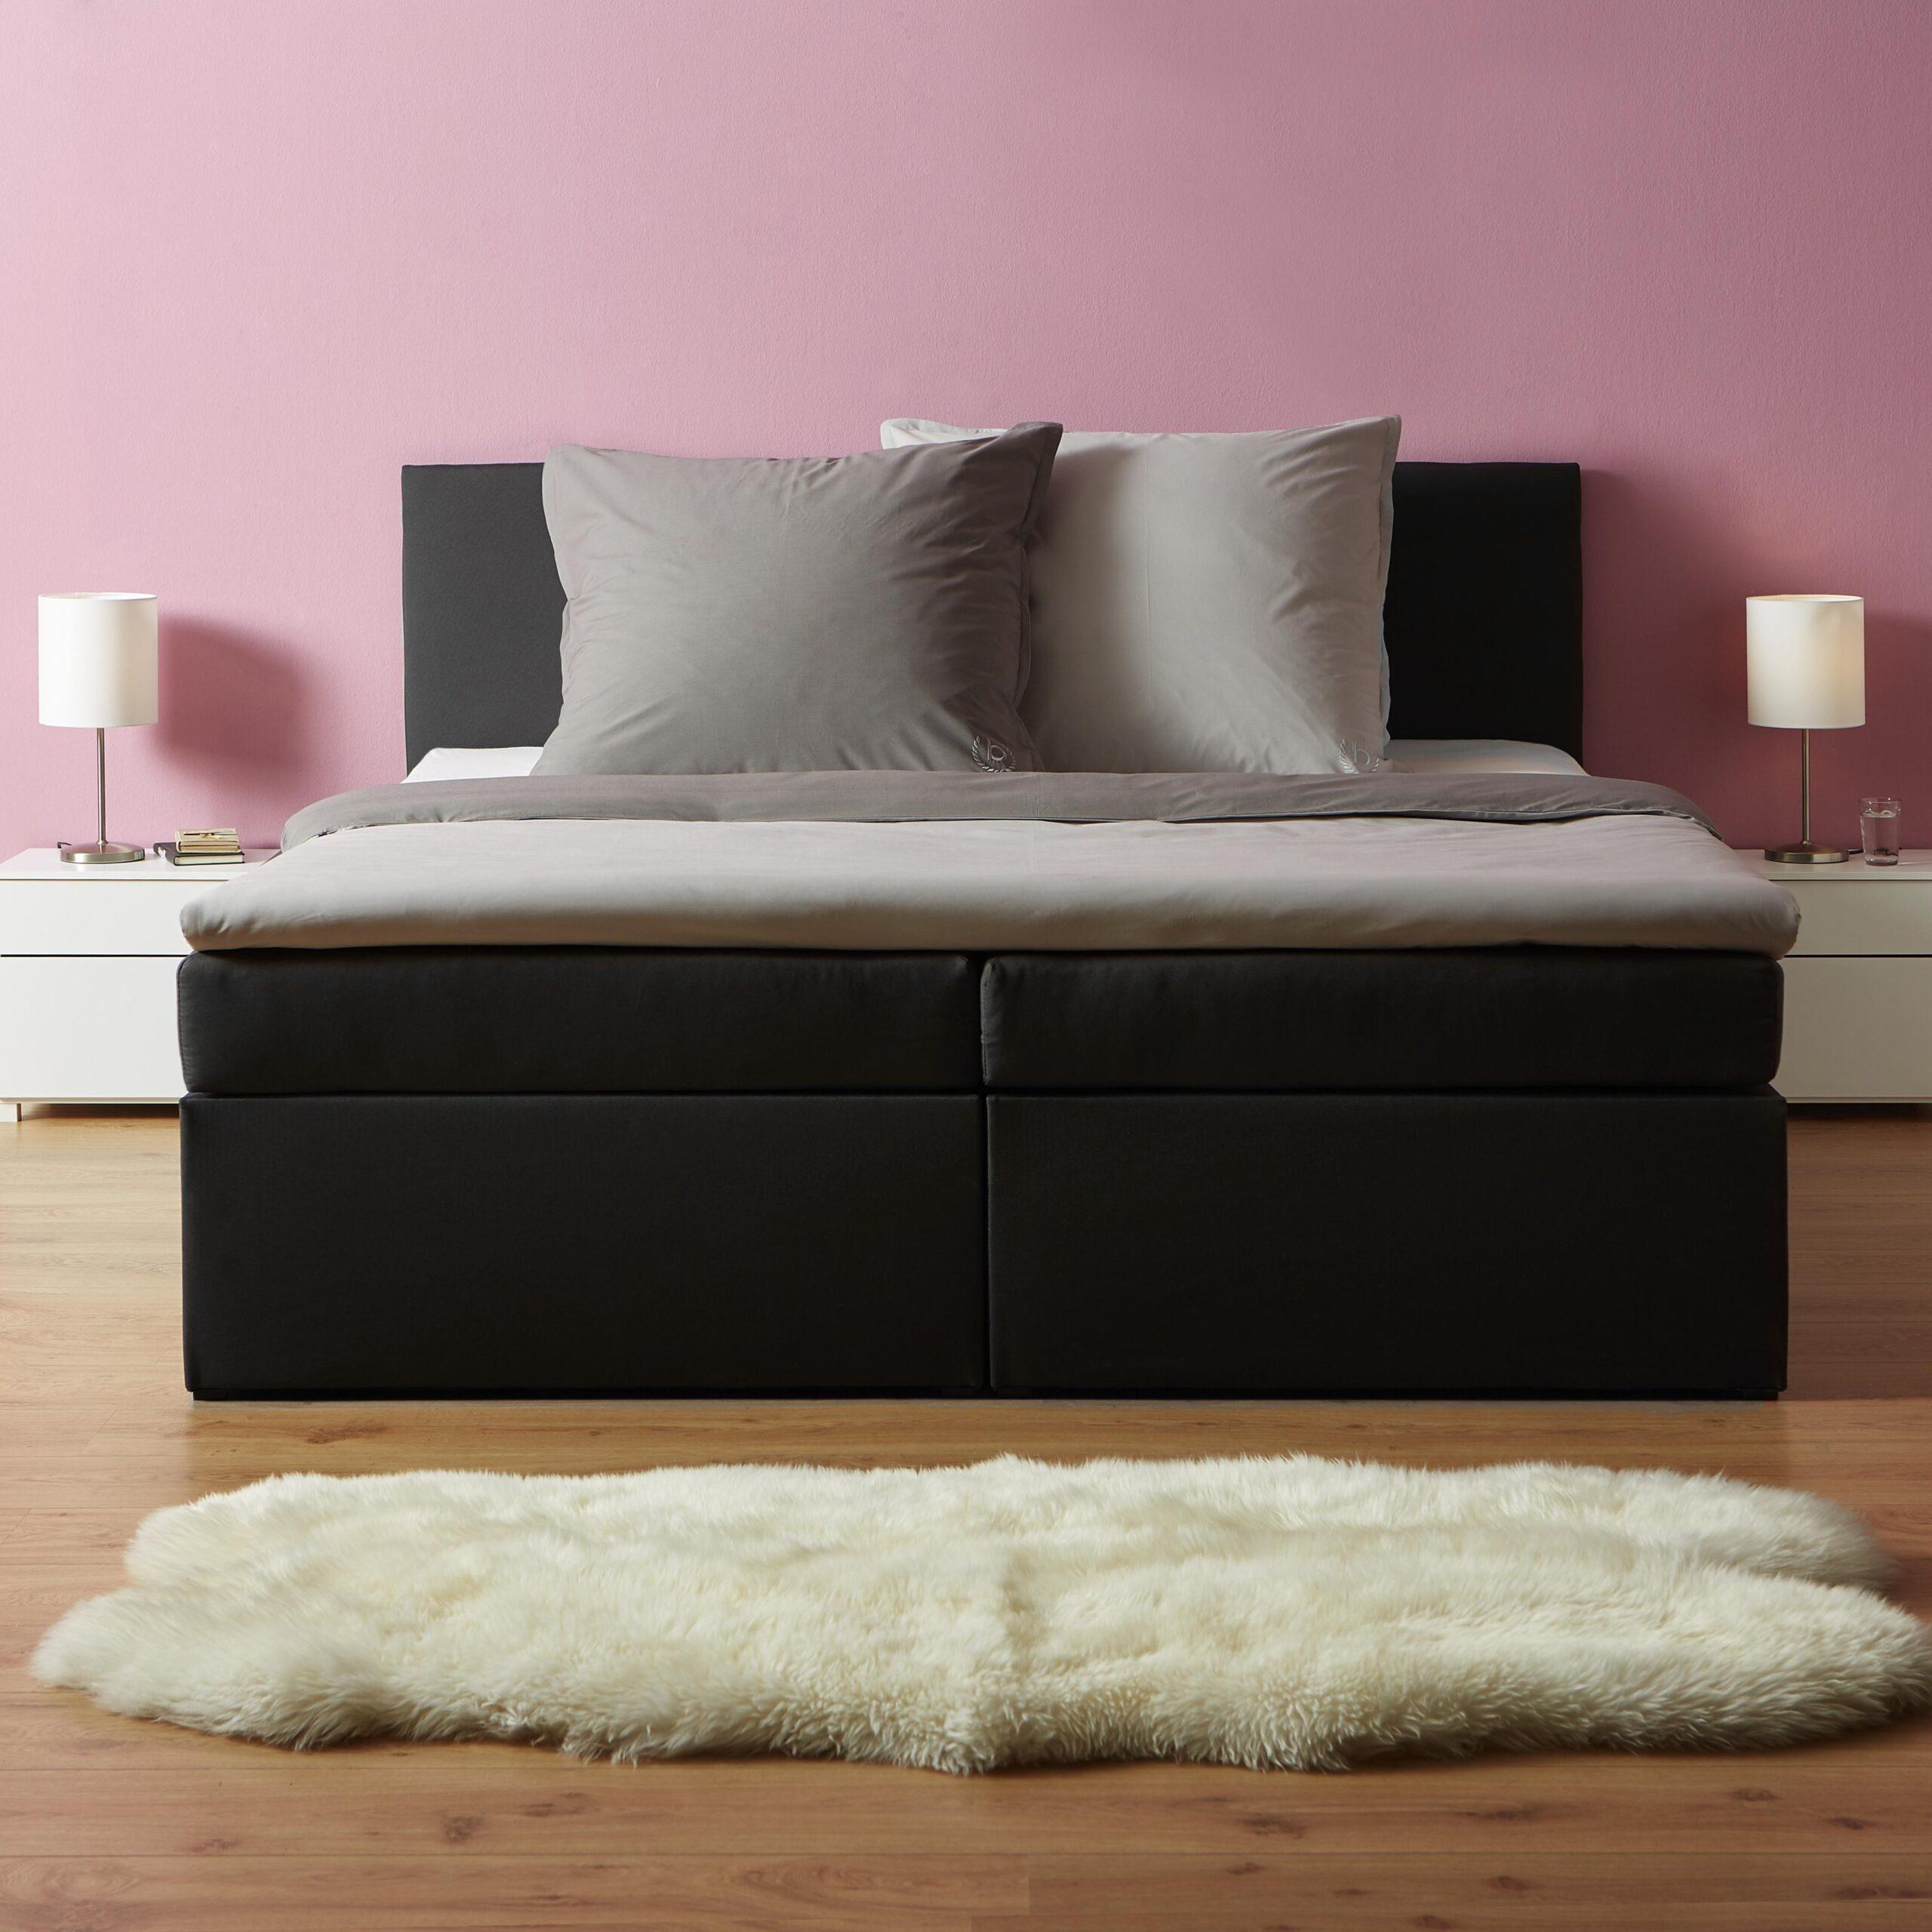 Full Size of Schrankbett Mit Sofa Ikea Betten Entdecken Mmax 2 Sitzer Schlaffunktion Einbauküche E Geräten Englisches Big Xxl Led Kaufen Groß Abnehmbaren Bezug Benz Wohnzimmer Schrankbett Mit Sofa Ikea